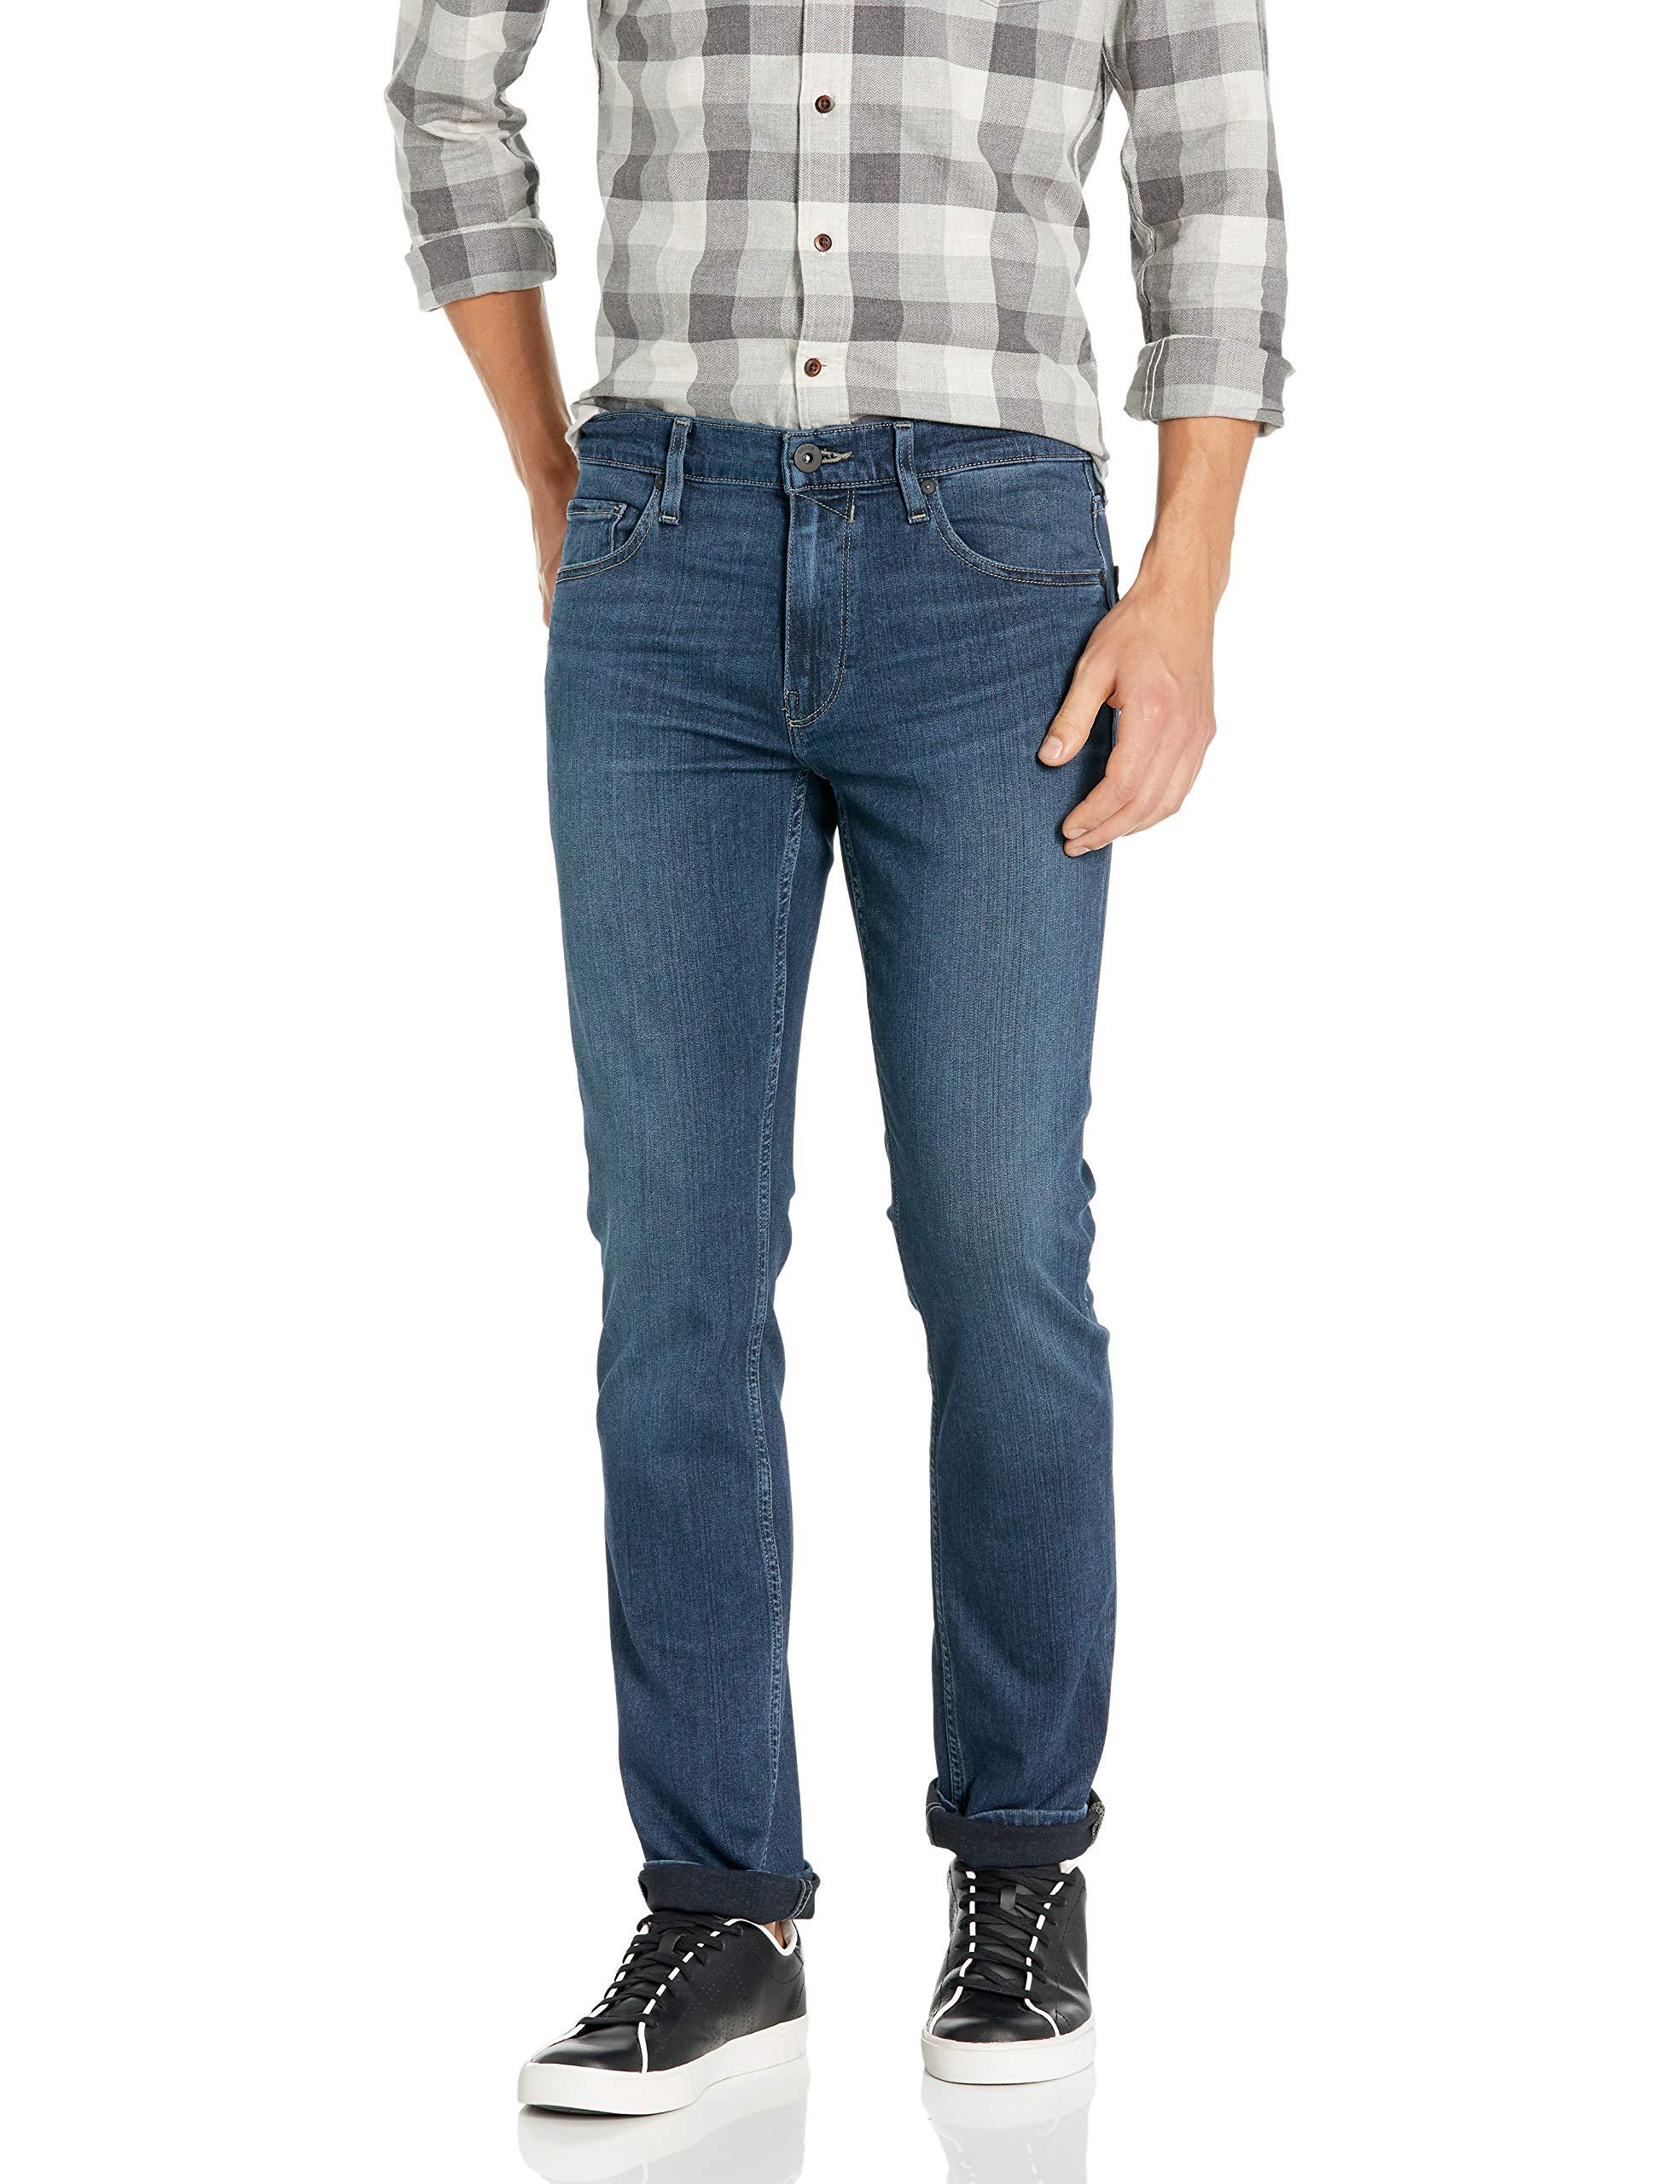 PAIGE Mens Federal Slim-fit Jean Vintage Quartz